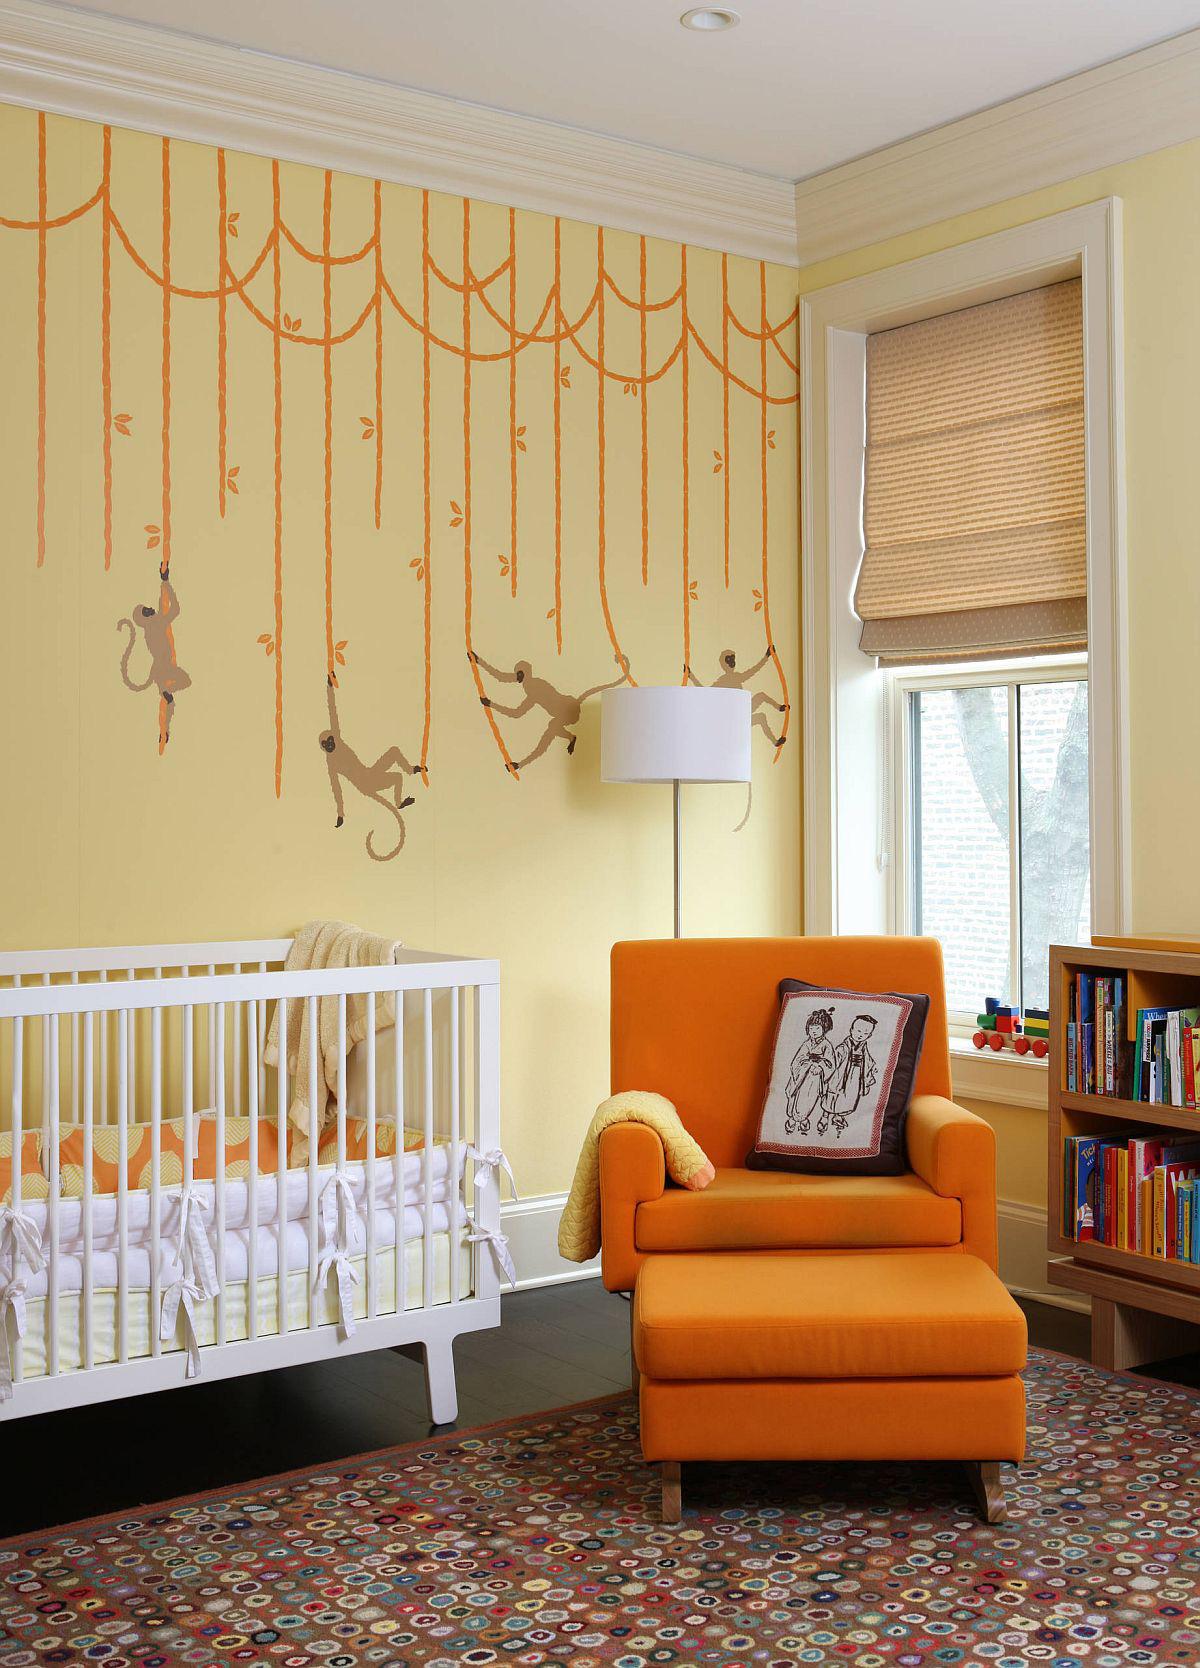 Vàng - sắc màu tươi vui đem lại hiệu quả bất ngờ khi bạn sử dụng cho phòng của bé-4